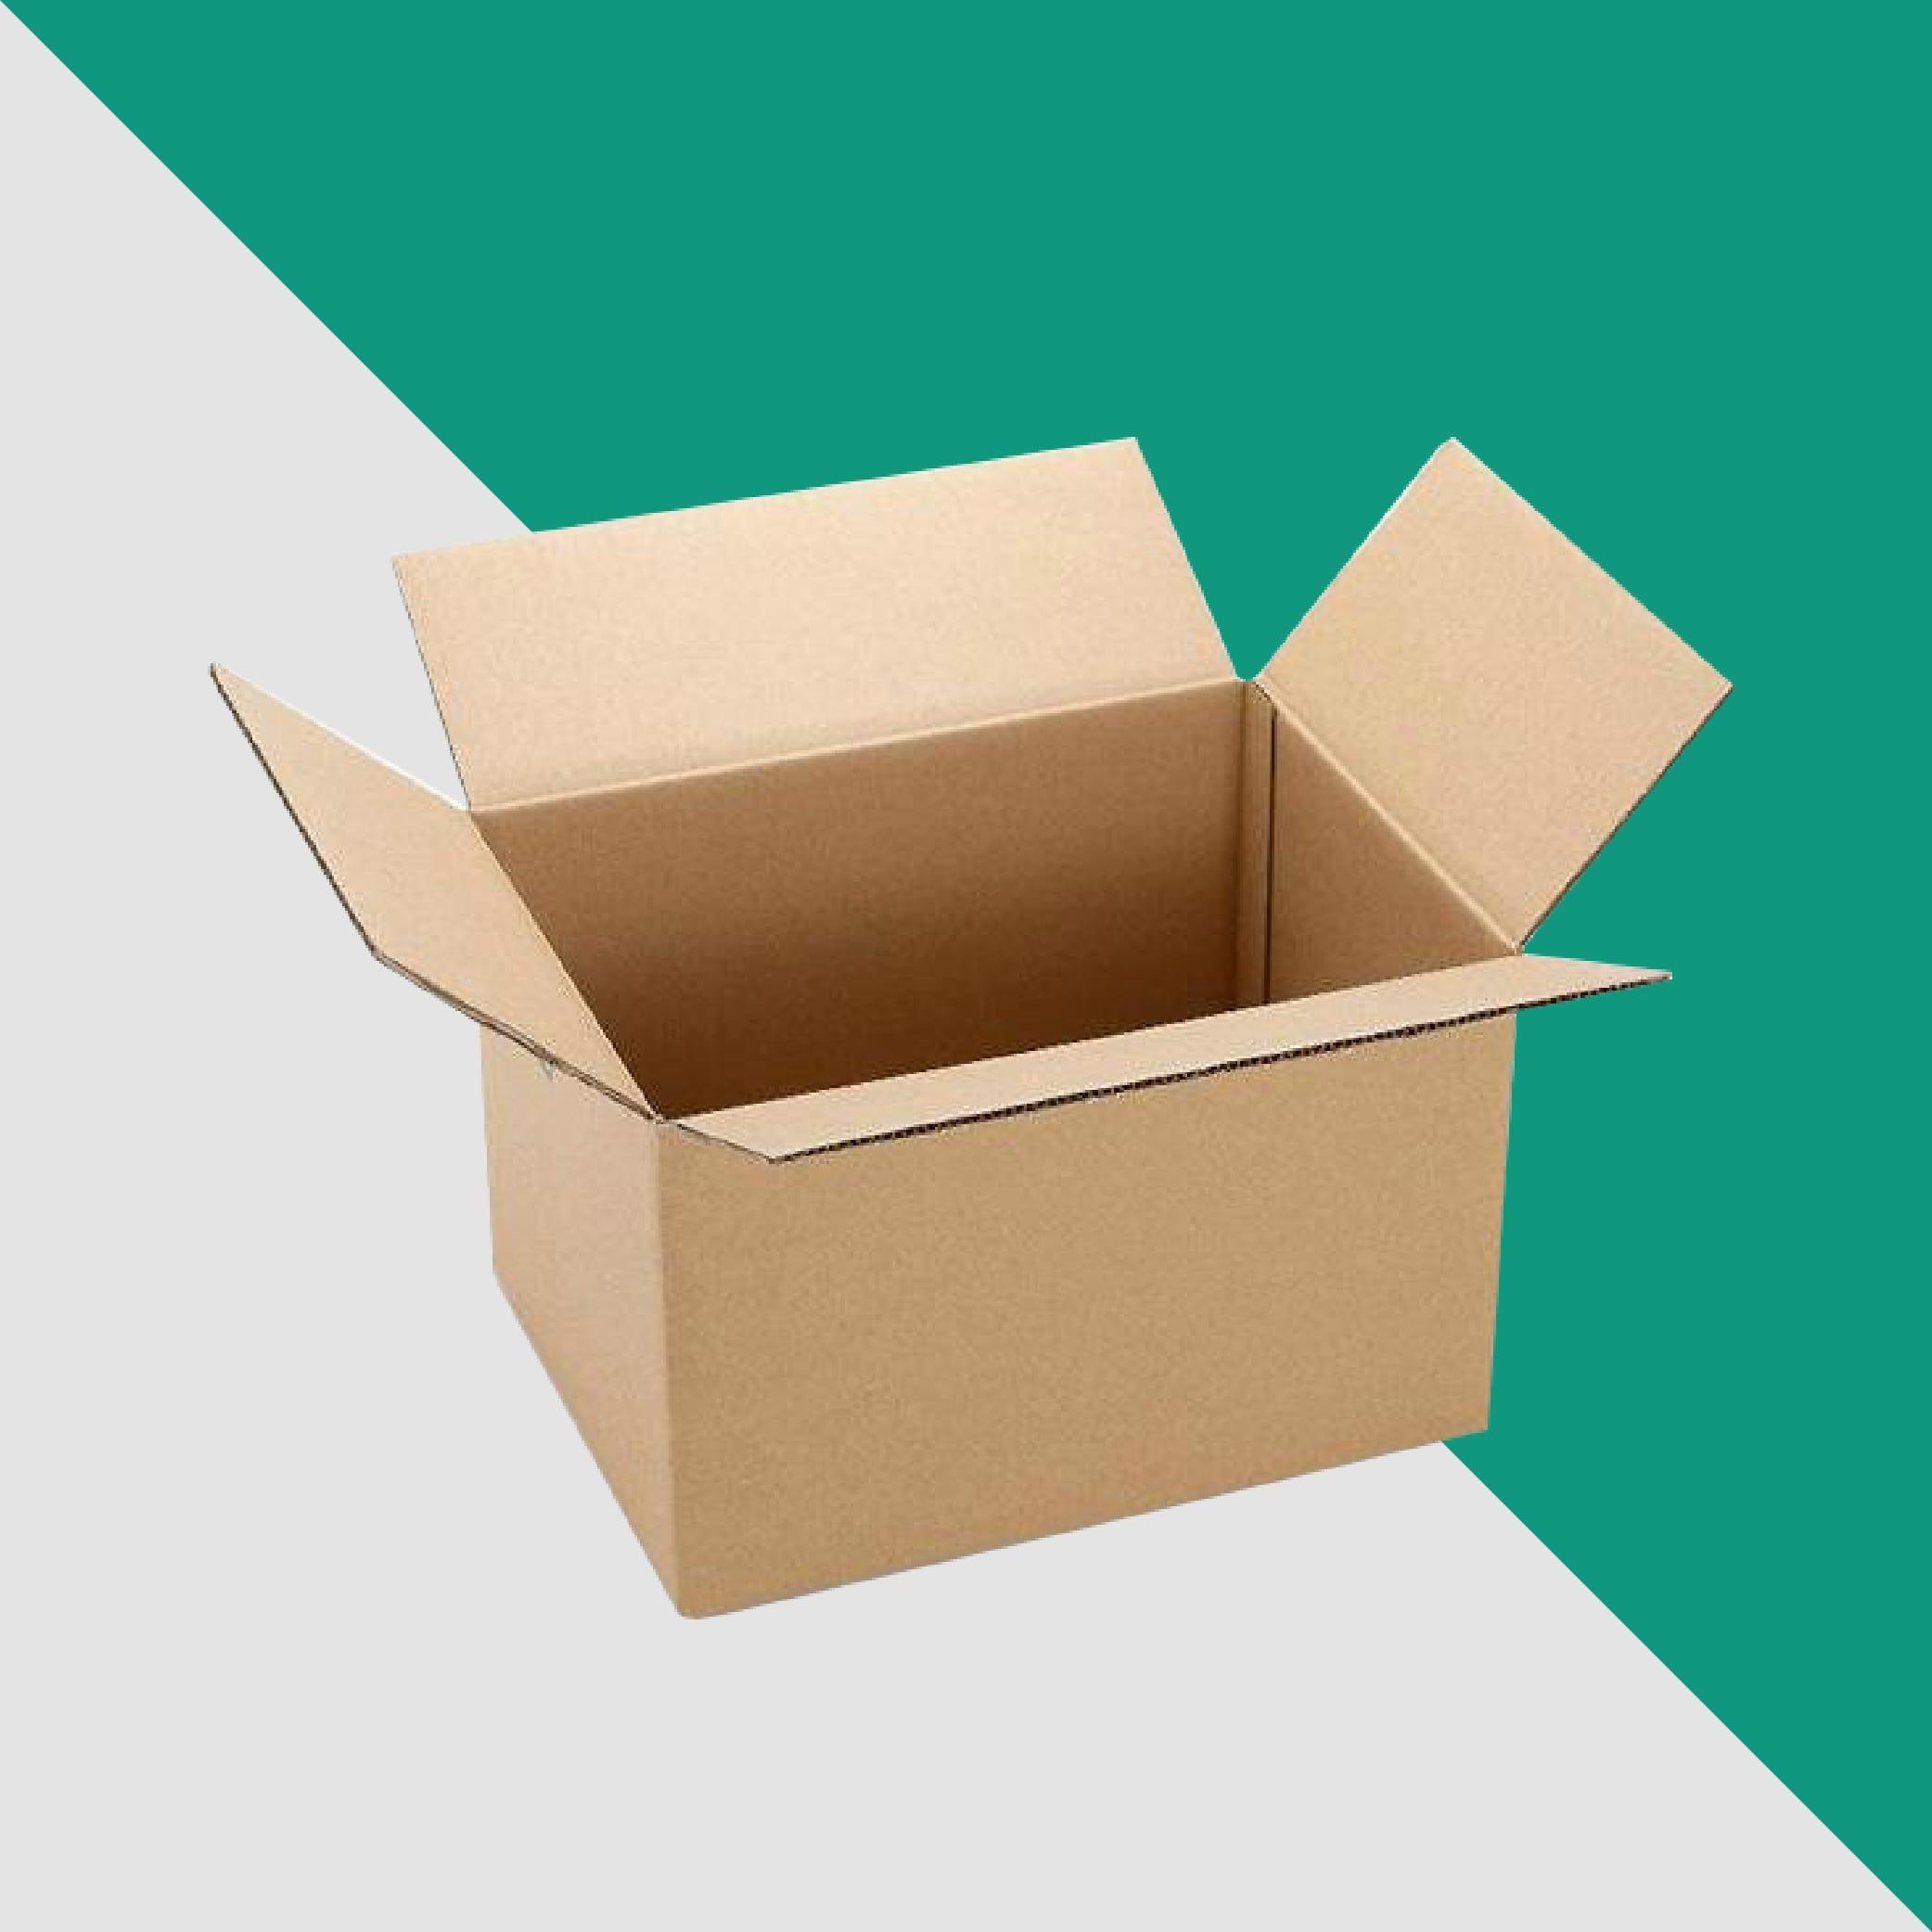 20x10x10 - bộ 30 hộp giấy đóng hàng